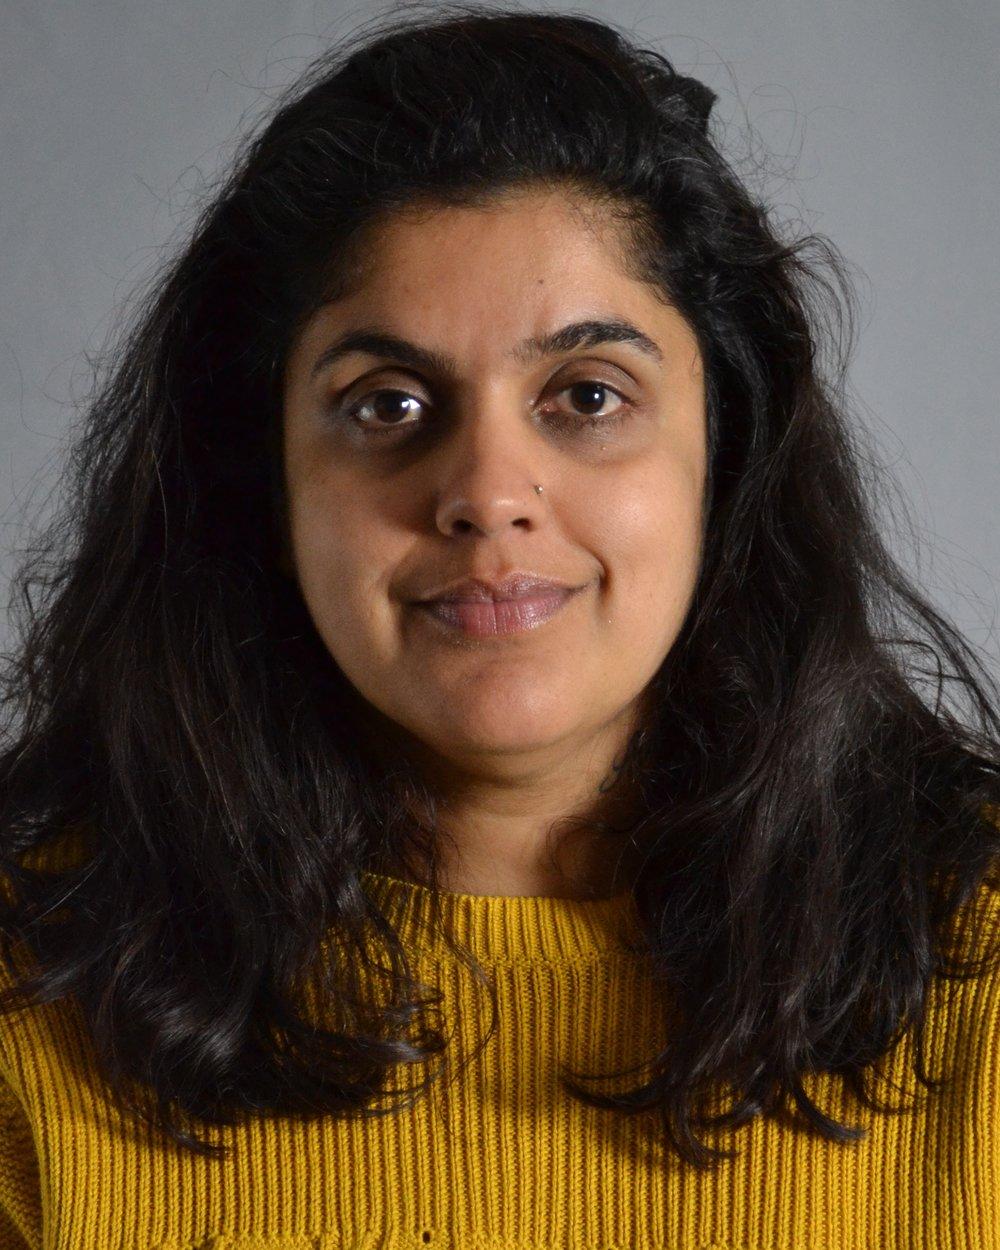 Shama Bhatti